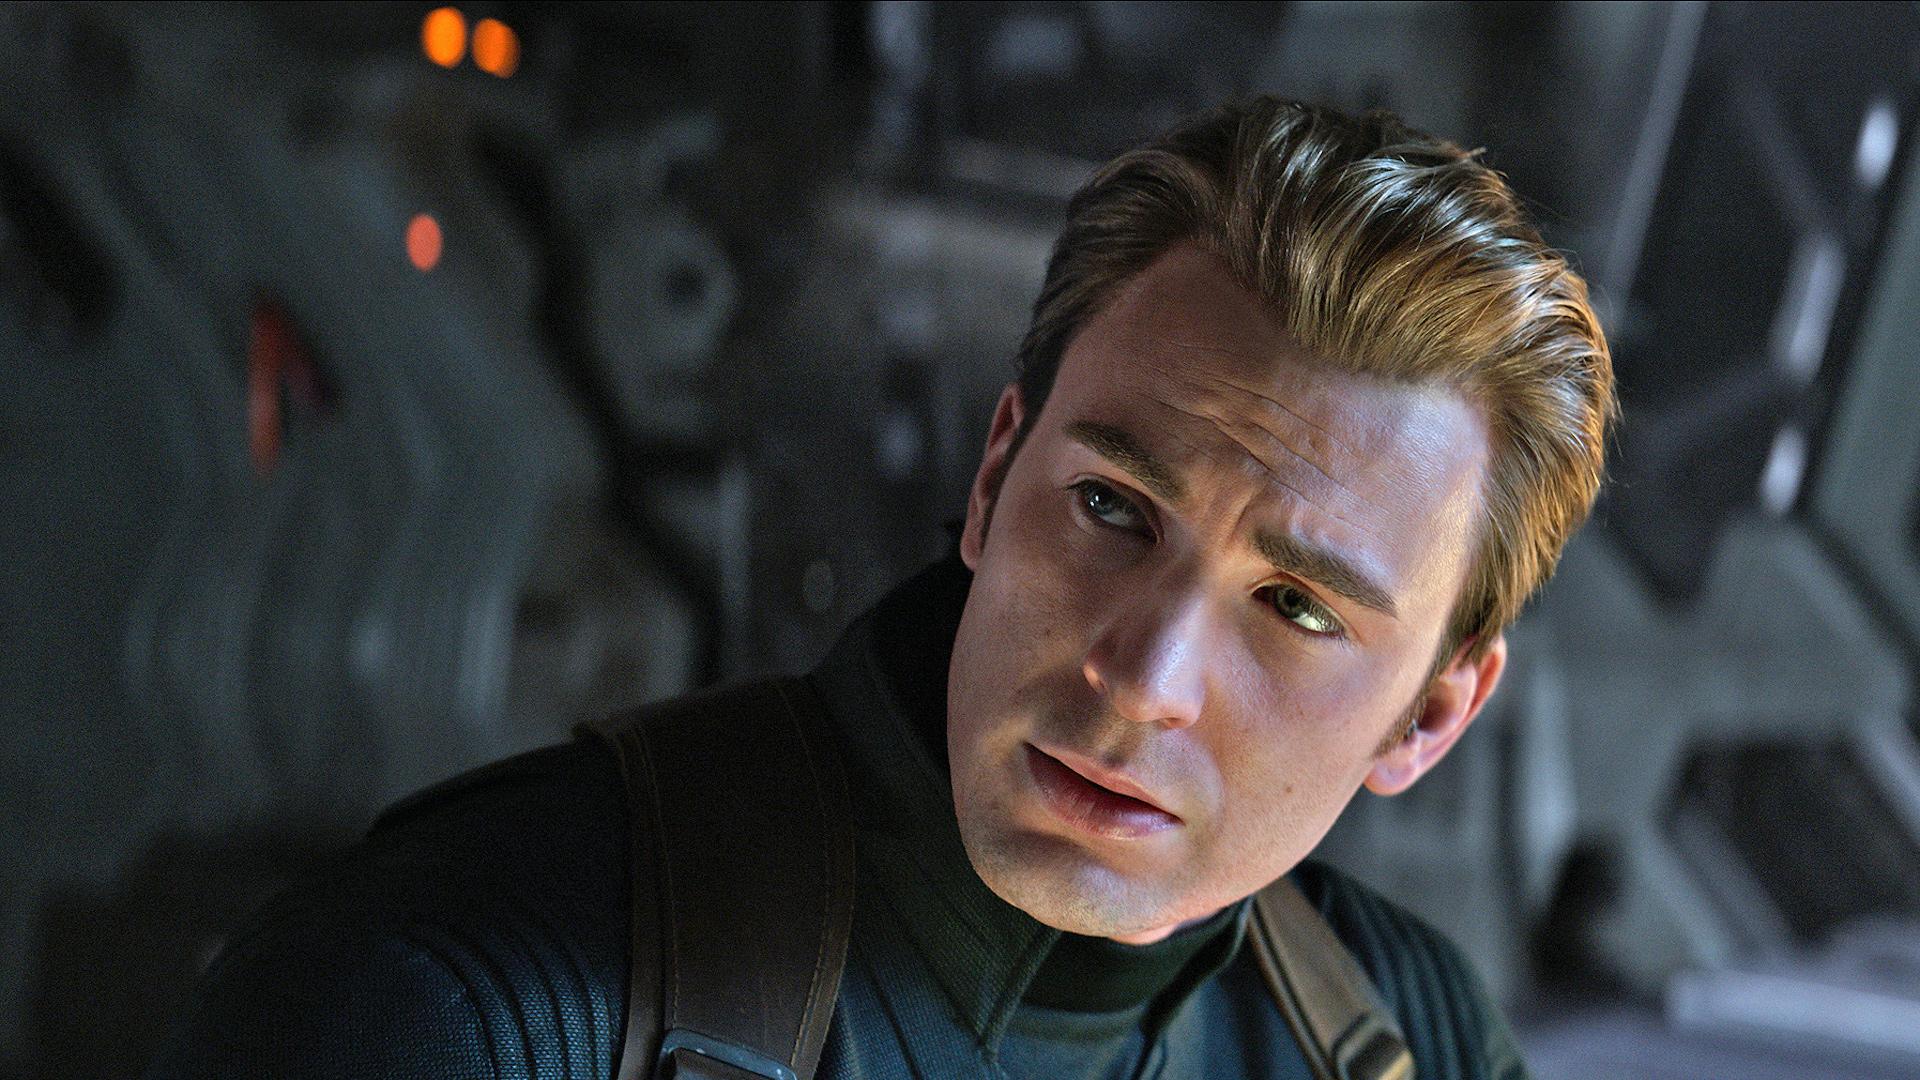 Netflix anunció su nueva película The Gray Man: costará U$S 200 M y  actuarán Chris Evan y Ryan Gosling · VIVO247.com